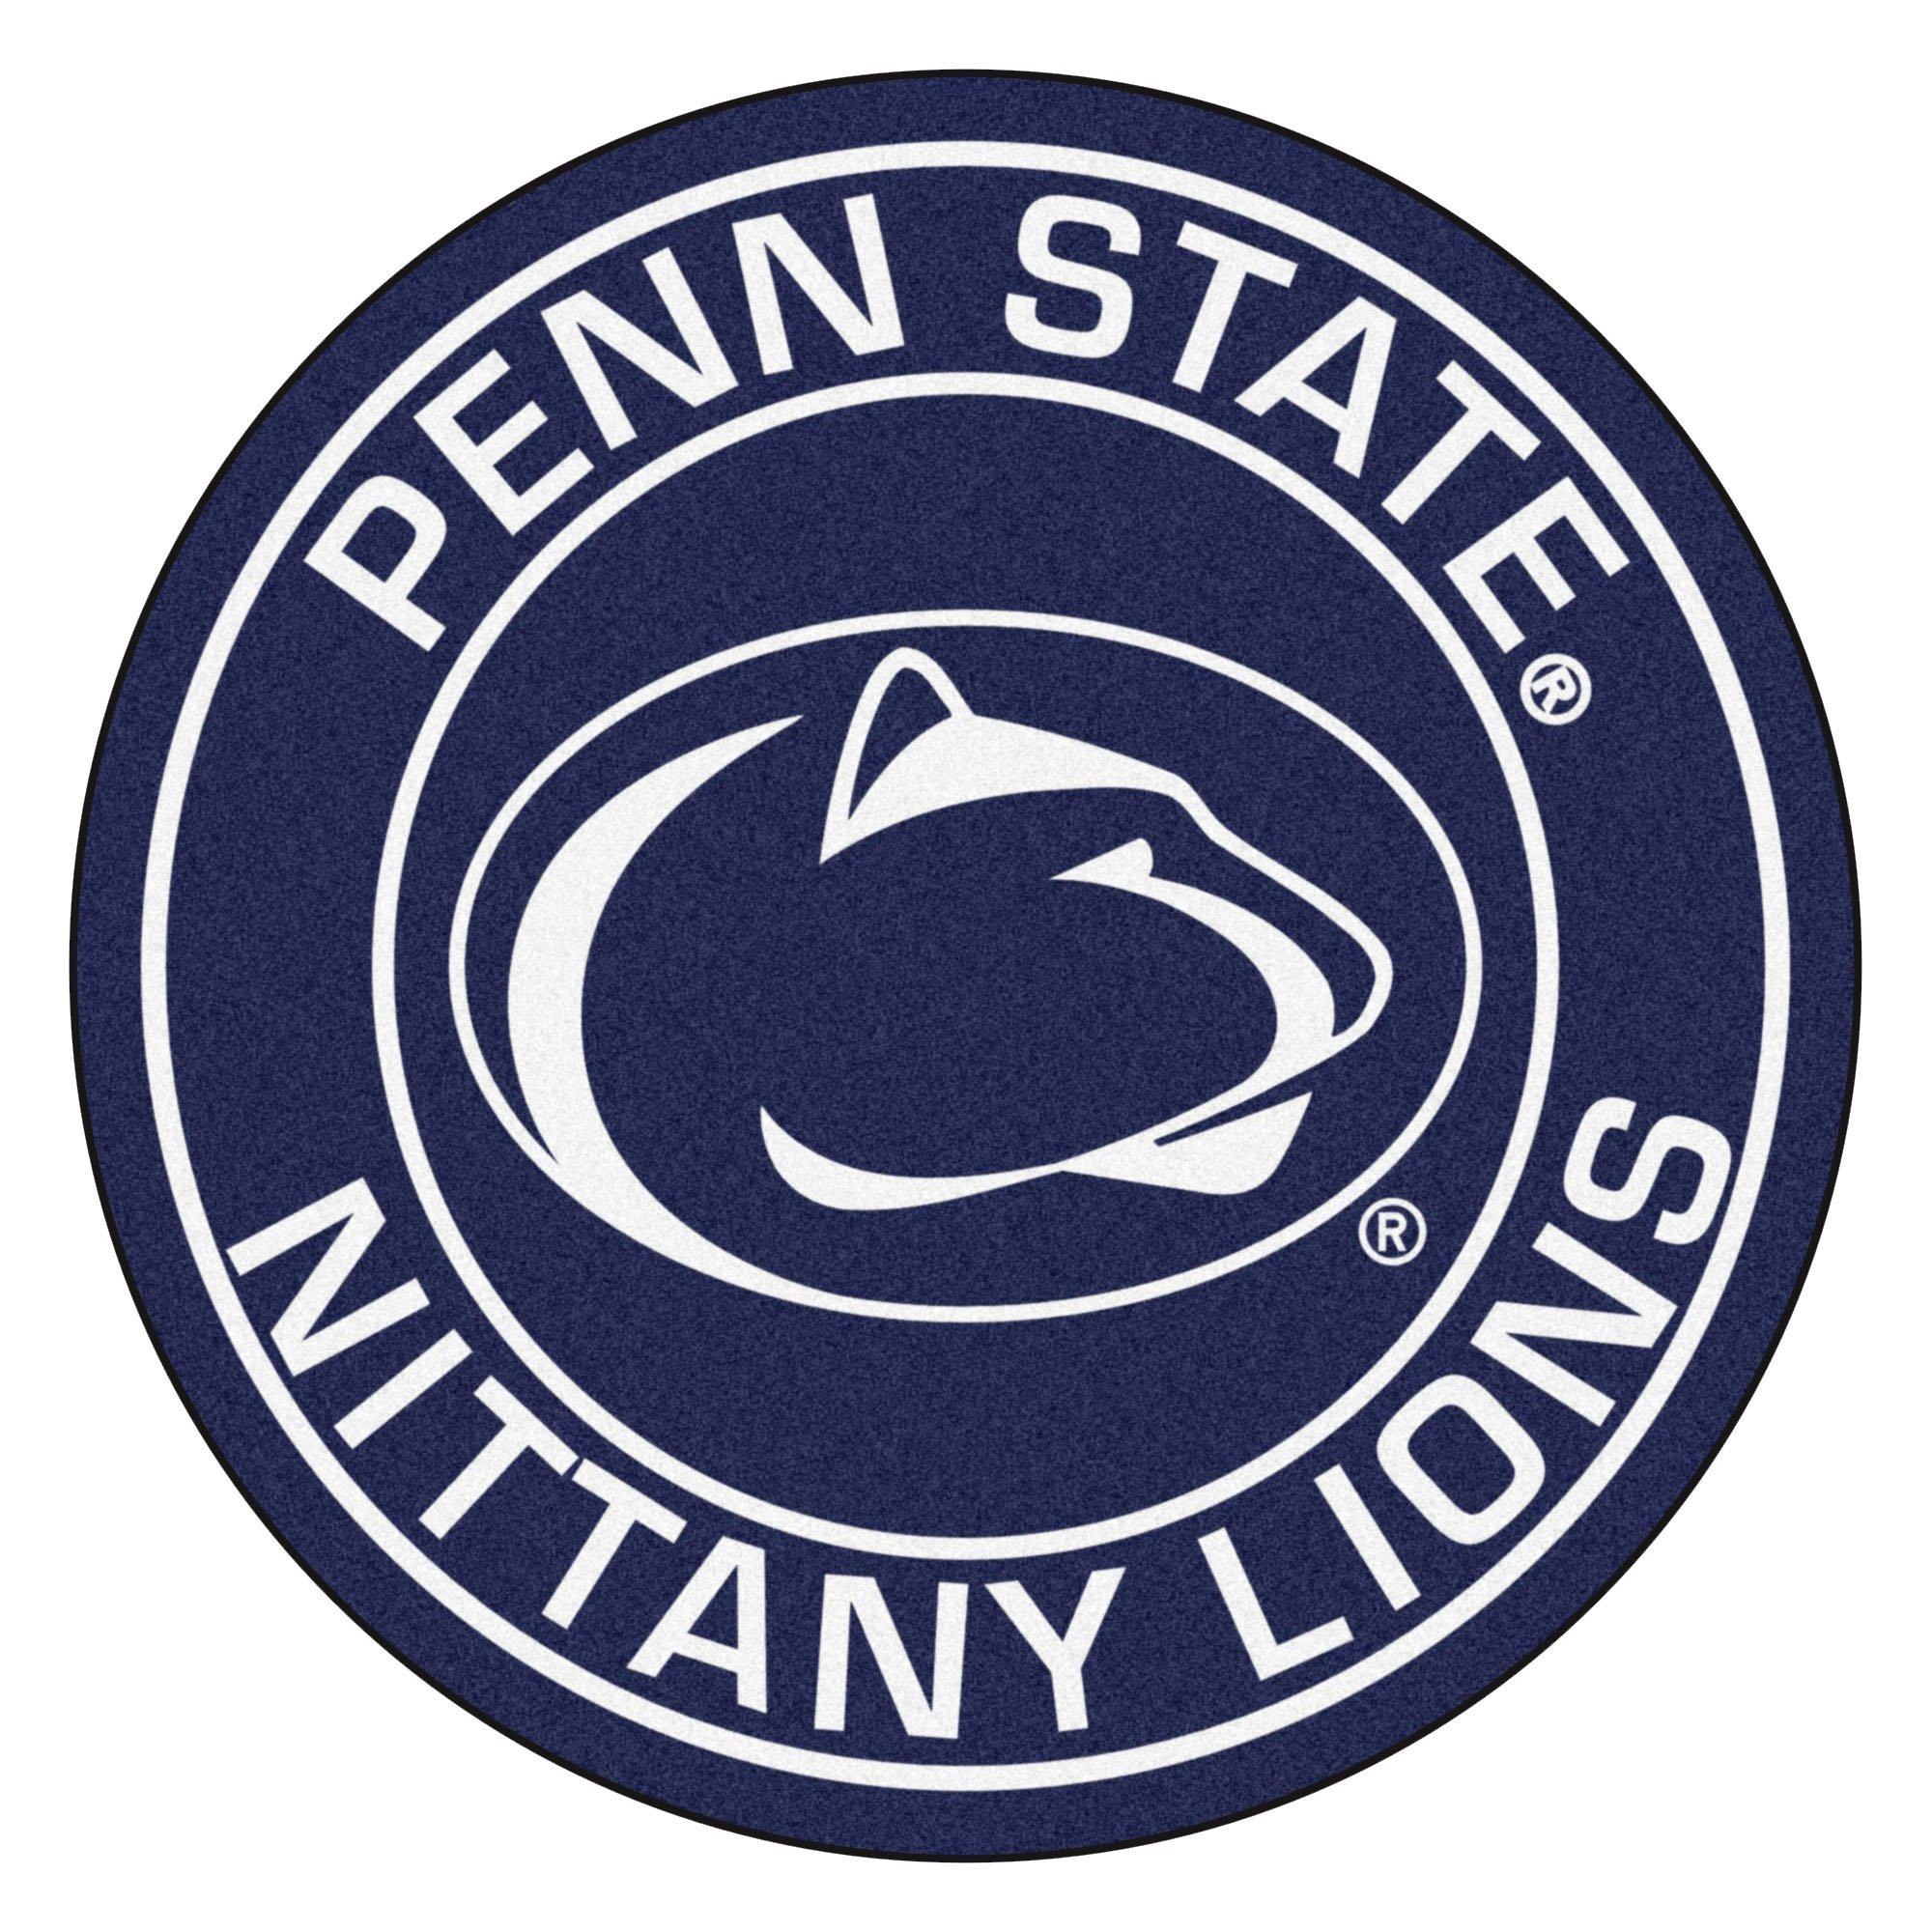 Penn State University Roundel Mat Penn state logo, Penn